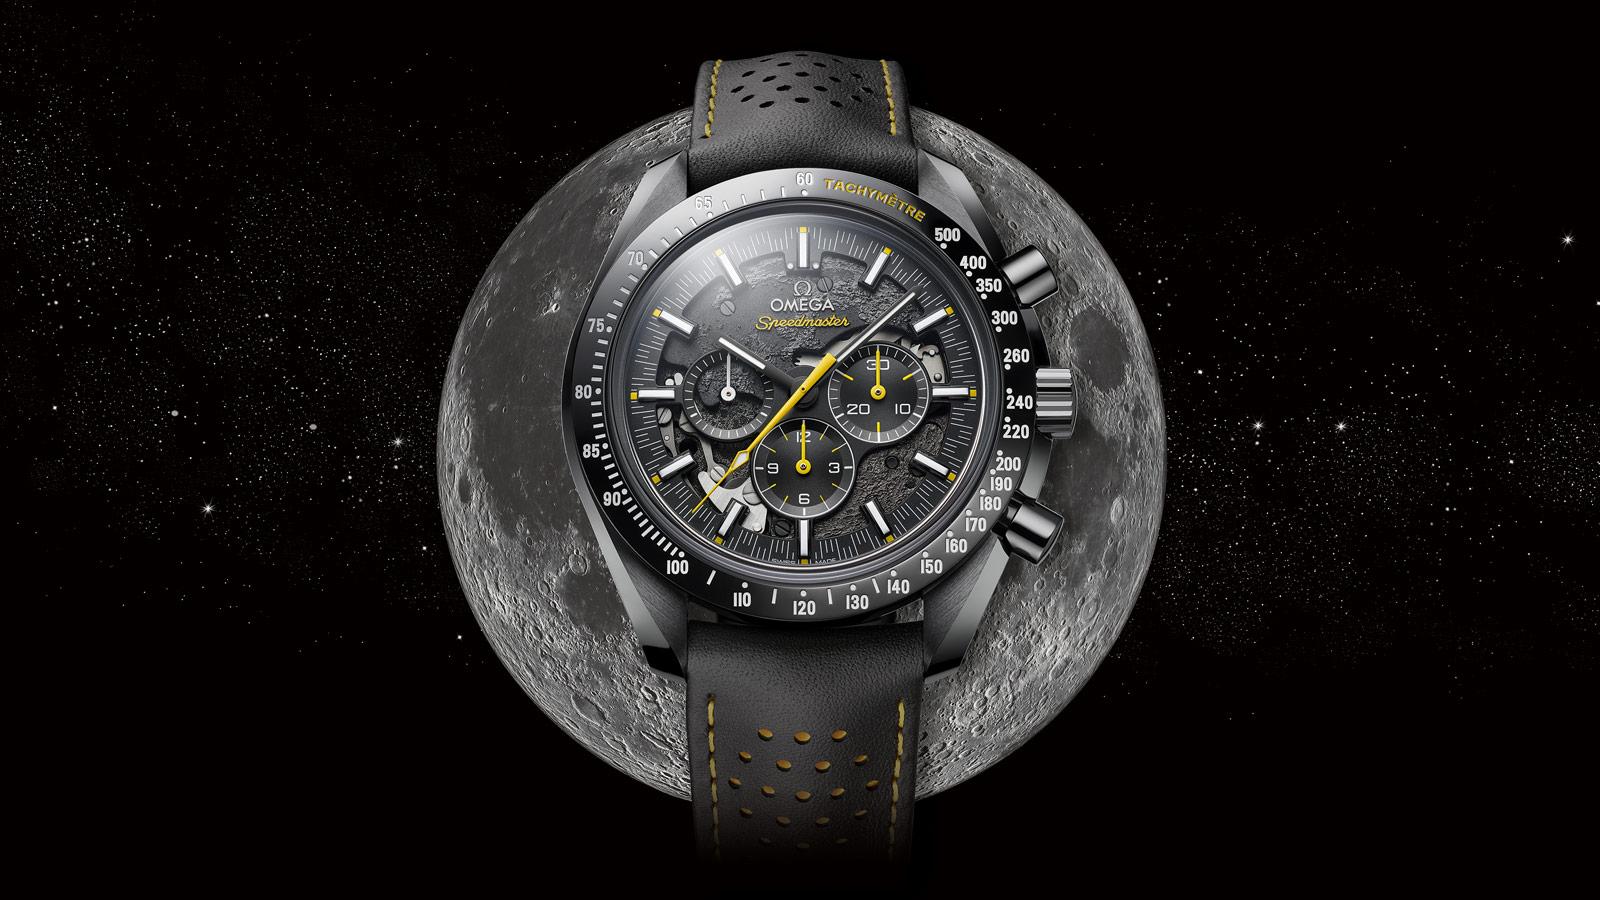 Speedmaster 月球表 月球表 44.25计时表 腕表 - 311.92.44.30.01.001